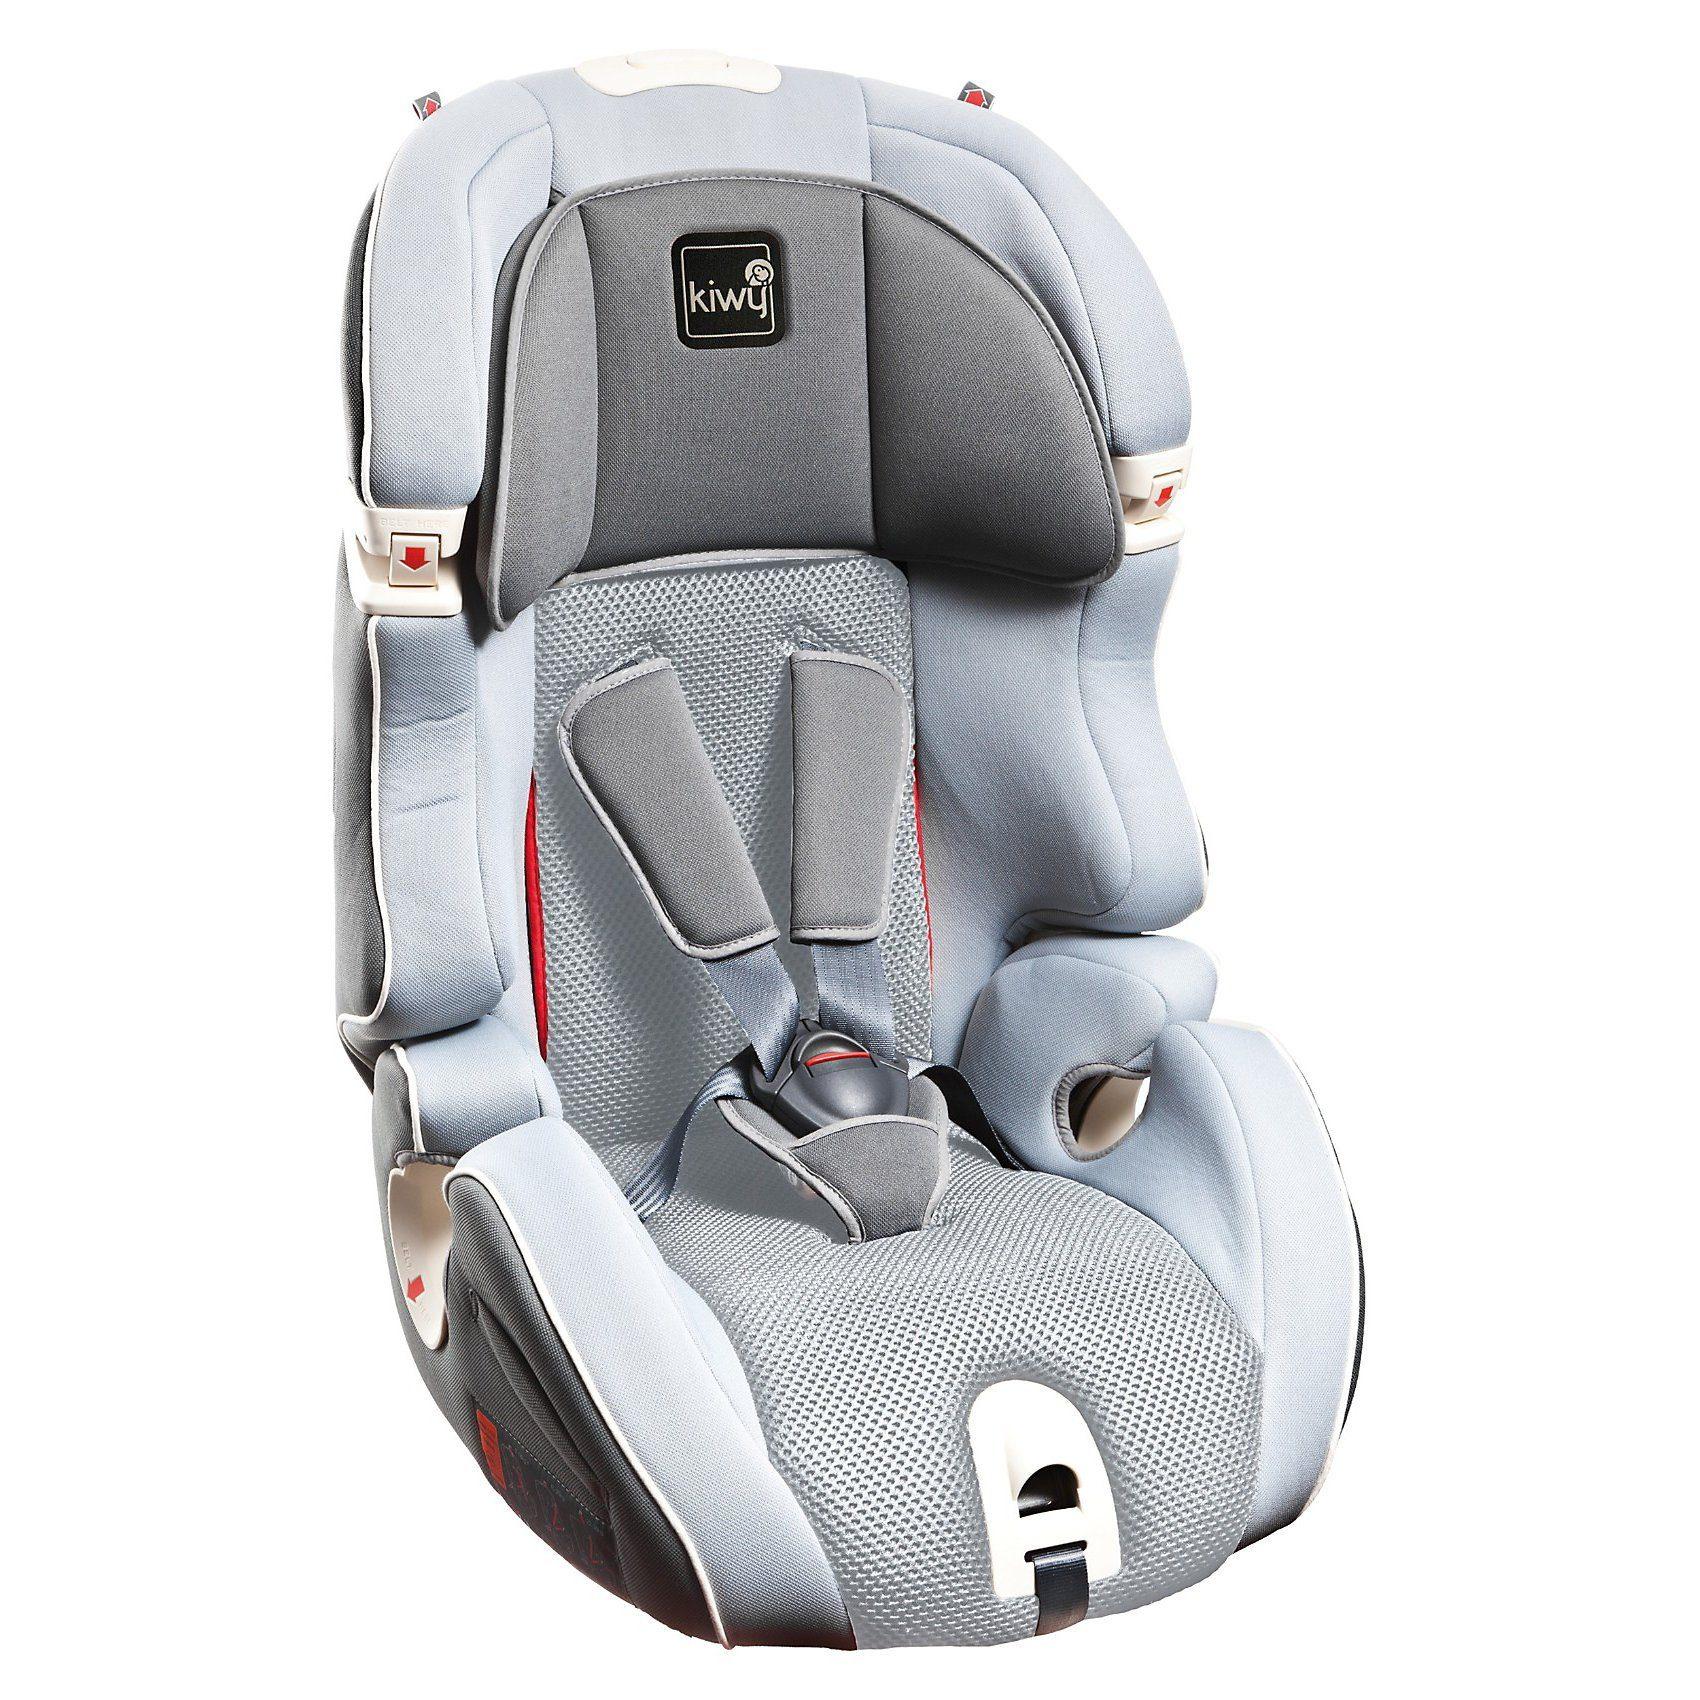 Kiwy Auto-Kindersitz S123, Stone, 2017